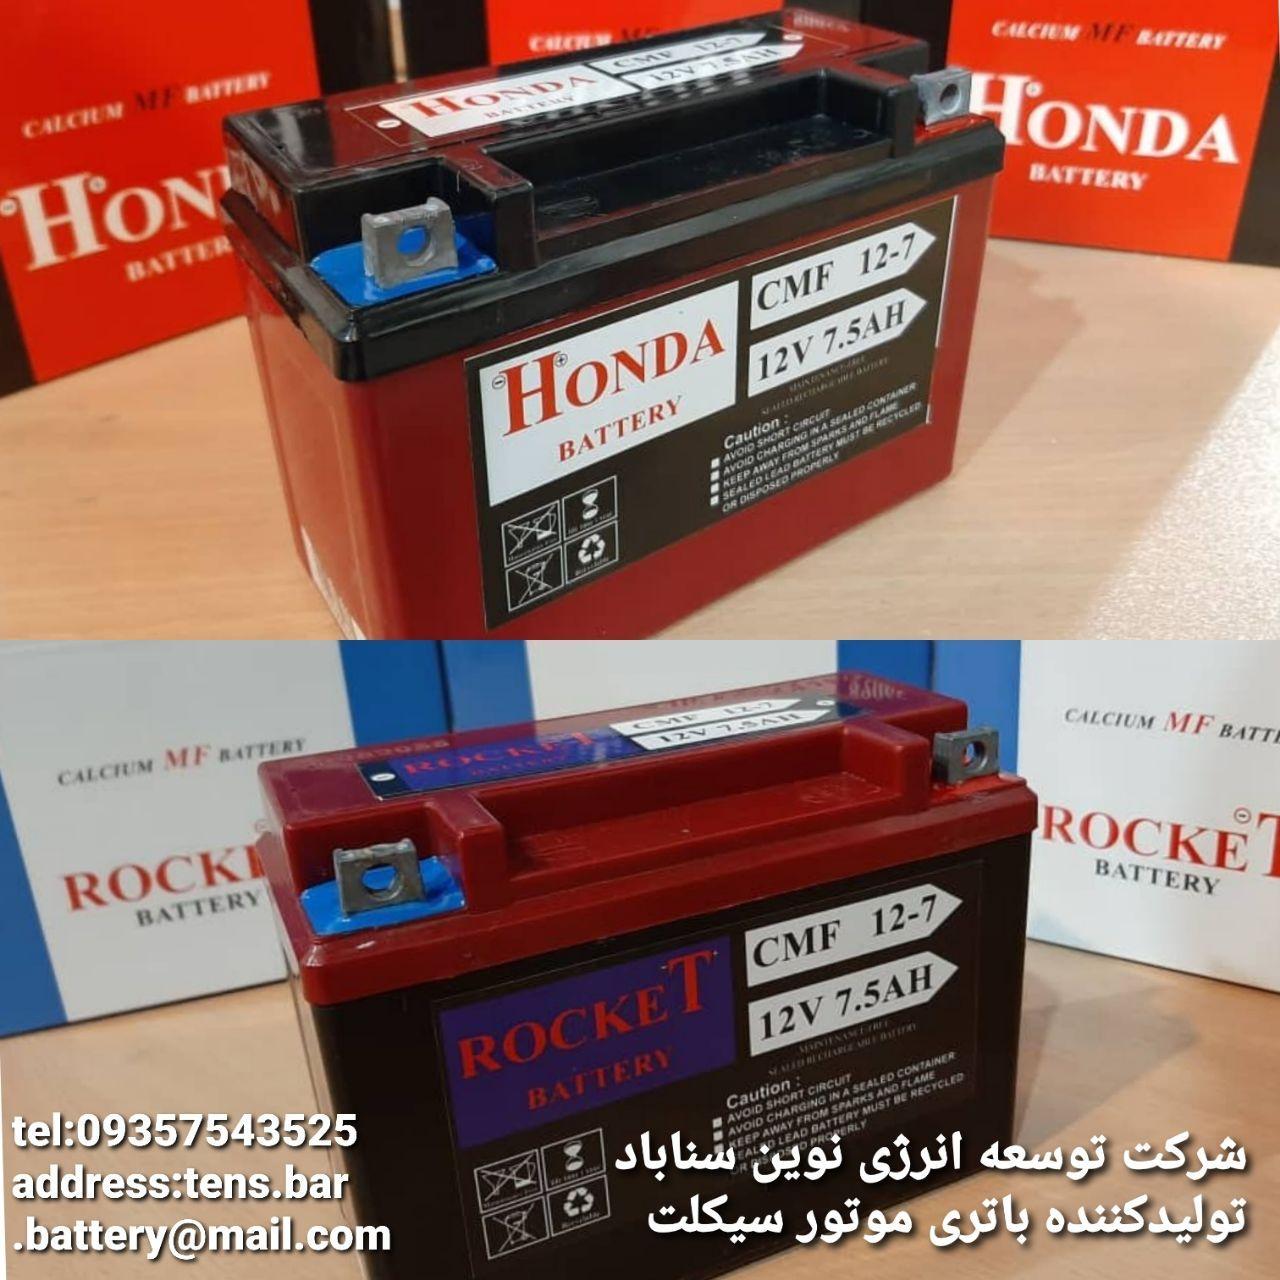 فروش ویژه باتریهای موتورسیکلت